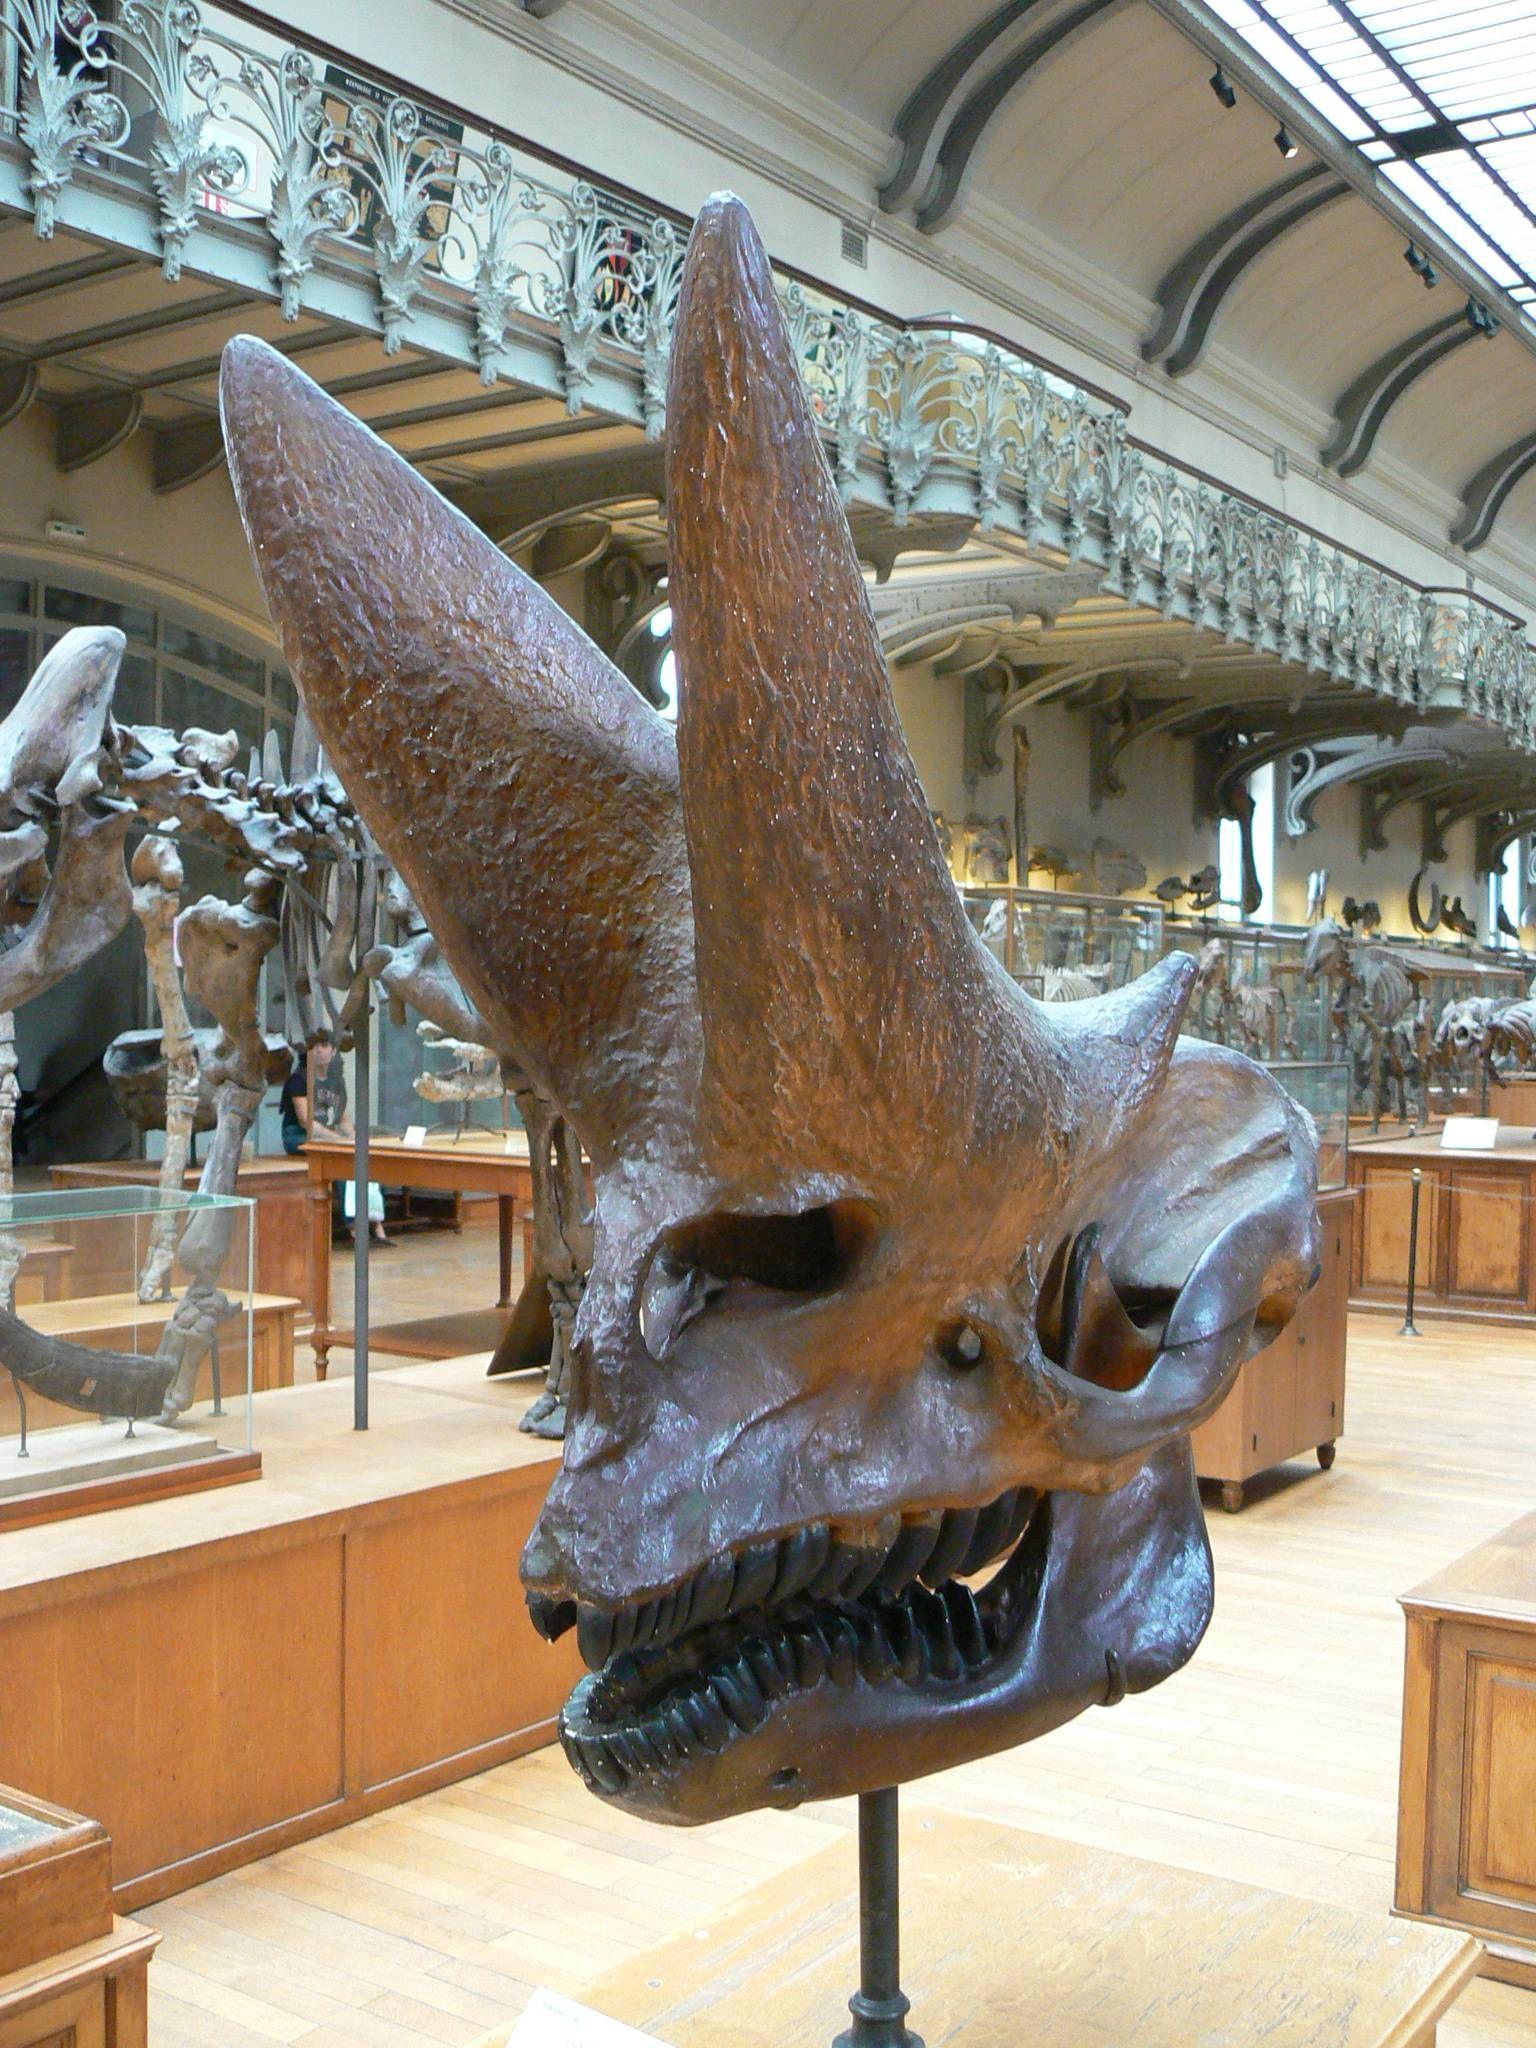 The skull of Arsinoitherium zitteli